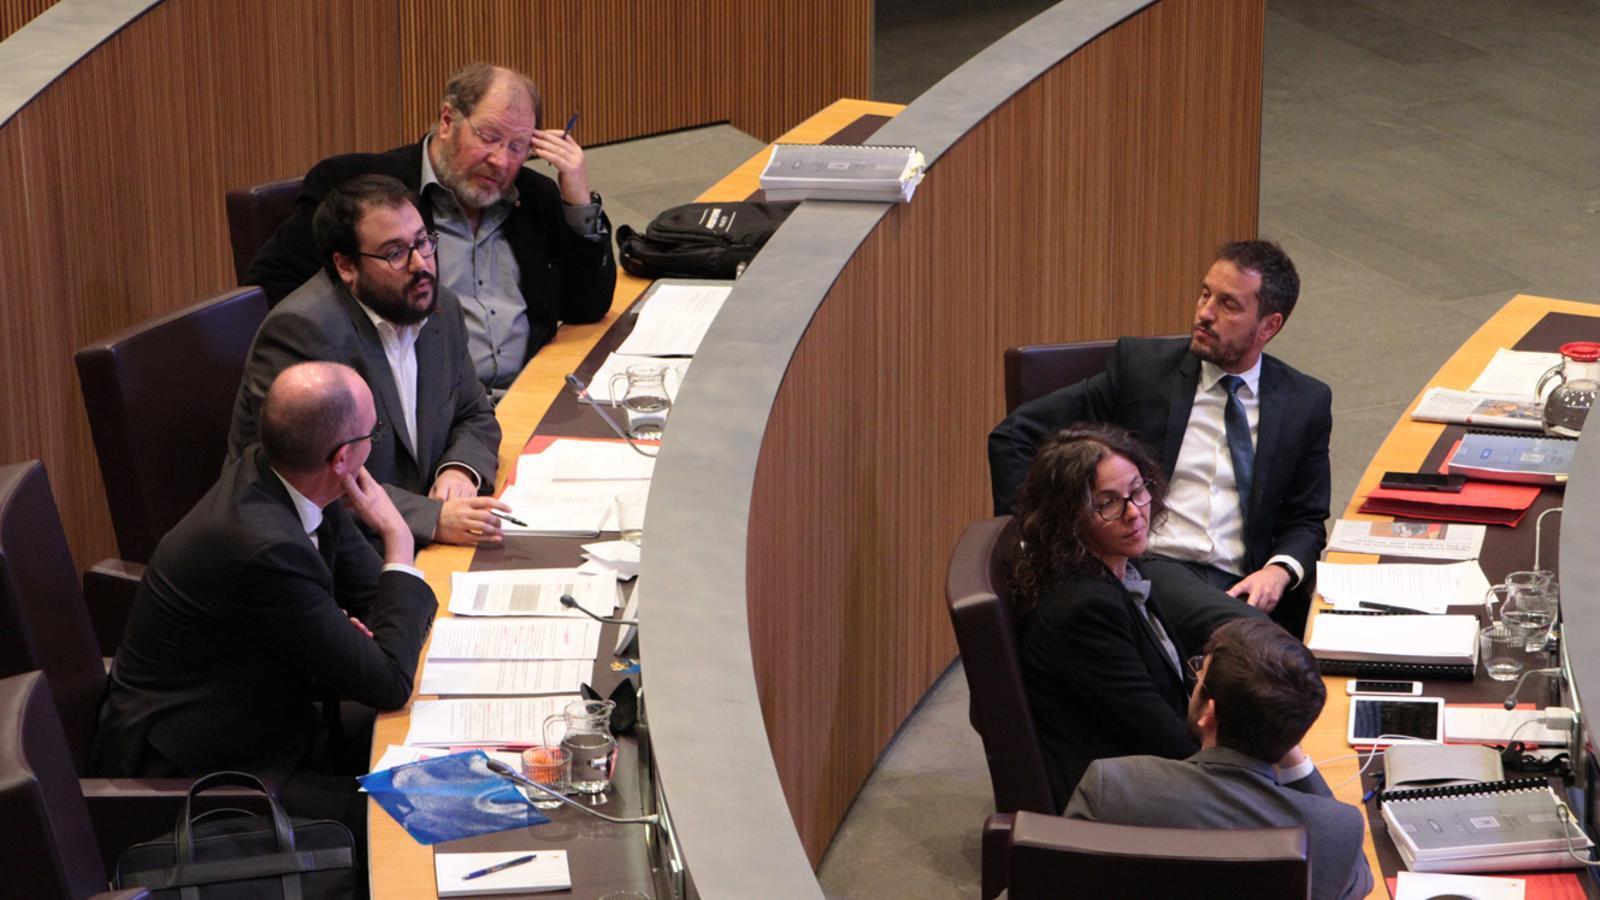 Els consellers generals del PS durant el debat de les reserves d'esmena celebrat aquest dijous. / M. P. (ANA)